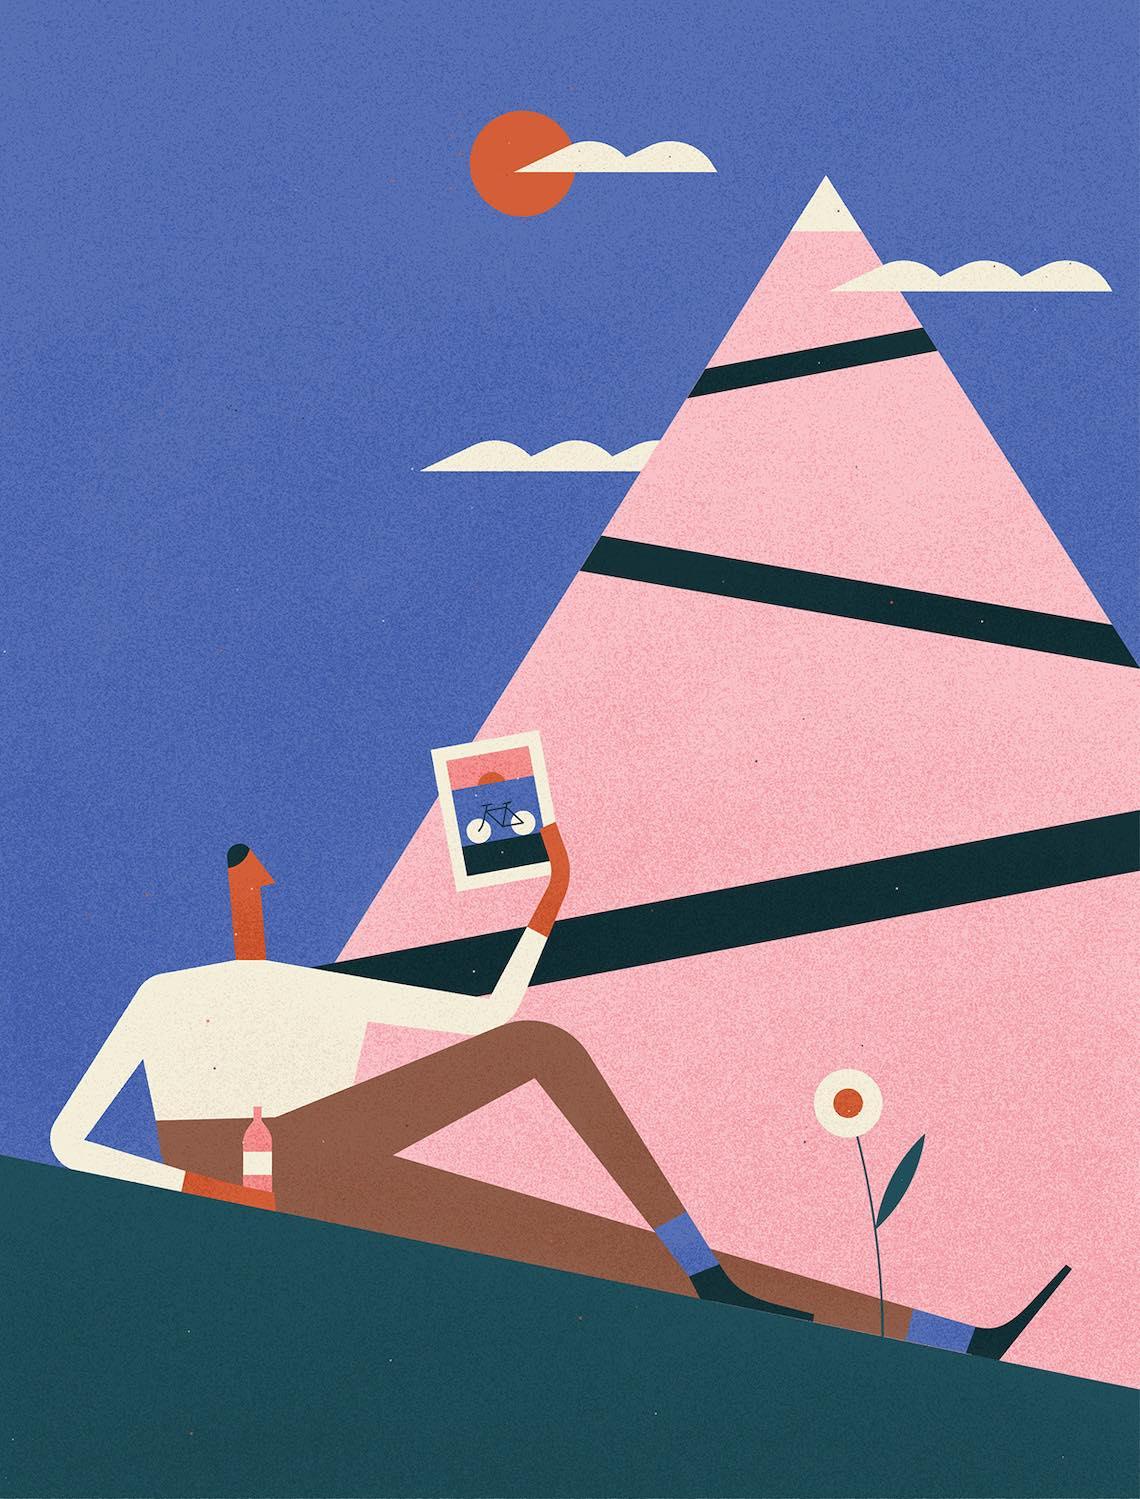 Fran Labuschagne illustrations_Easyjet Traveller_5